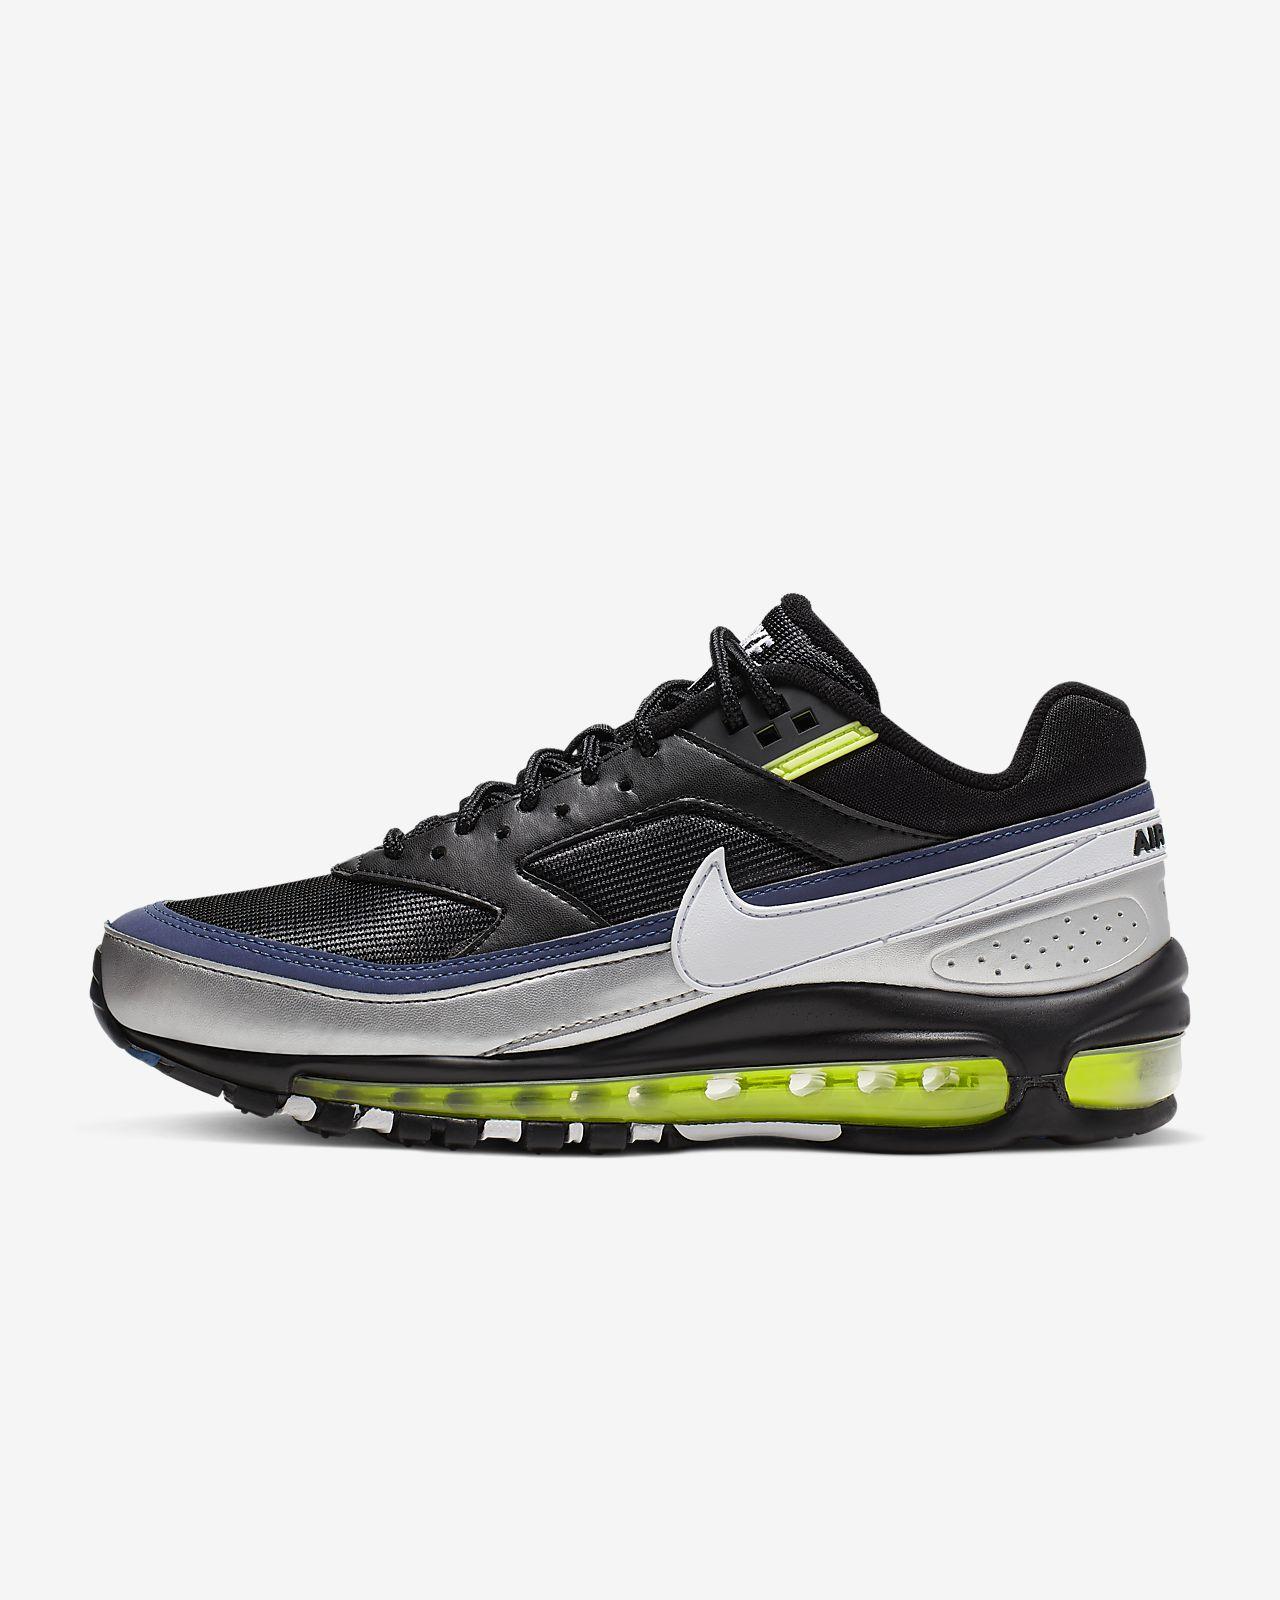 scarpe tennis nike air max